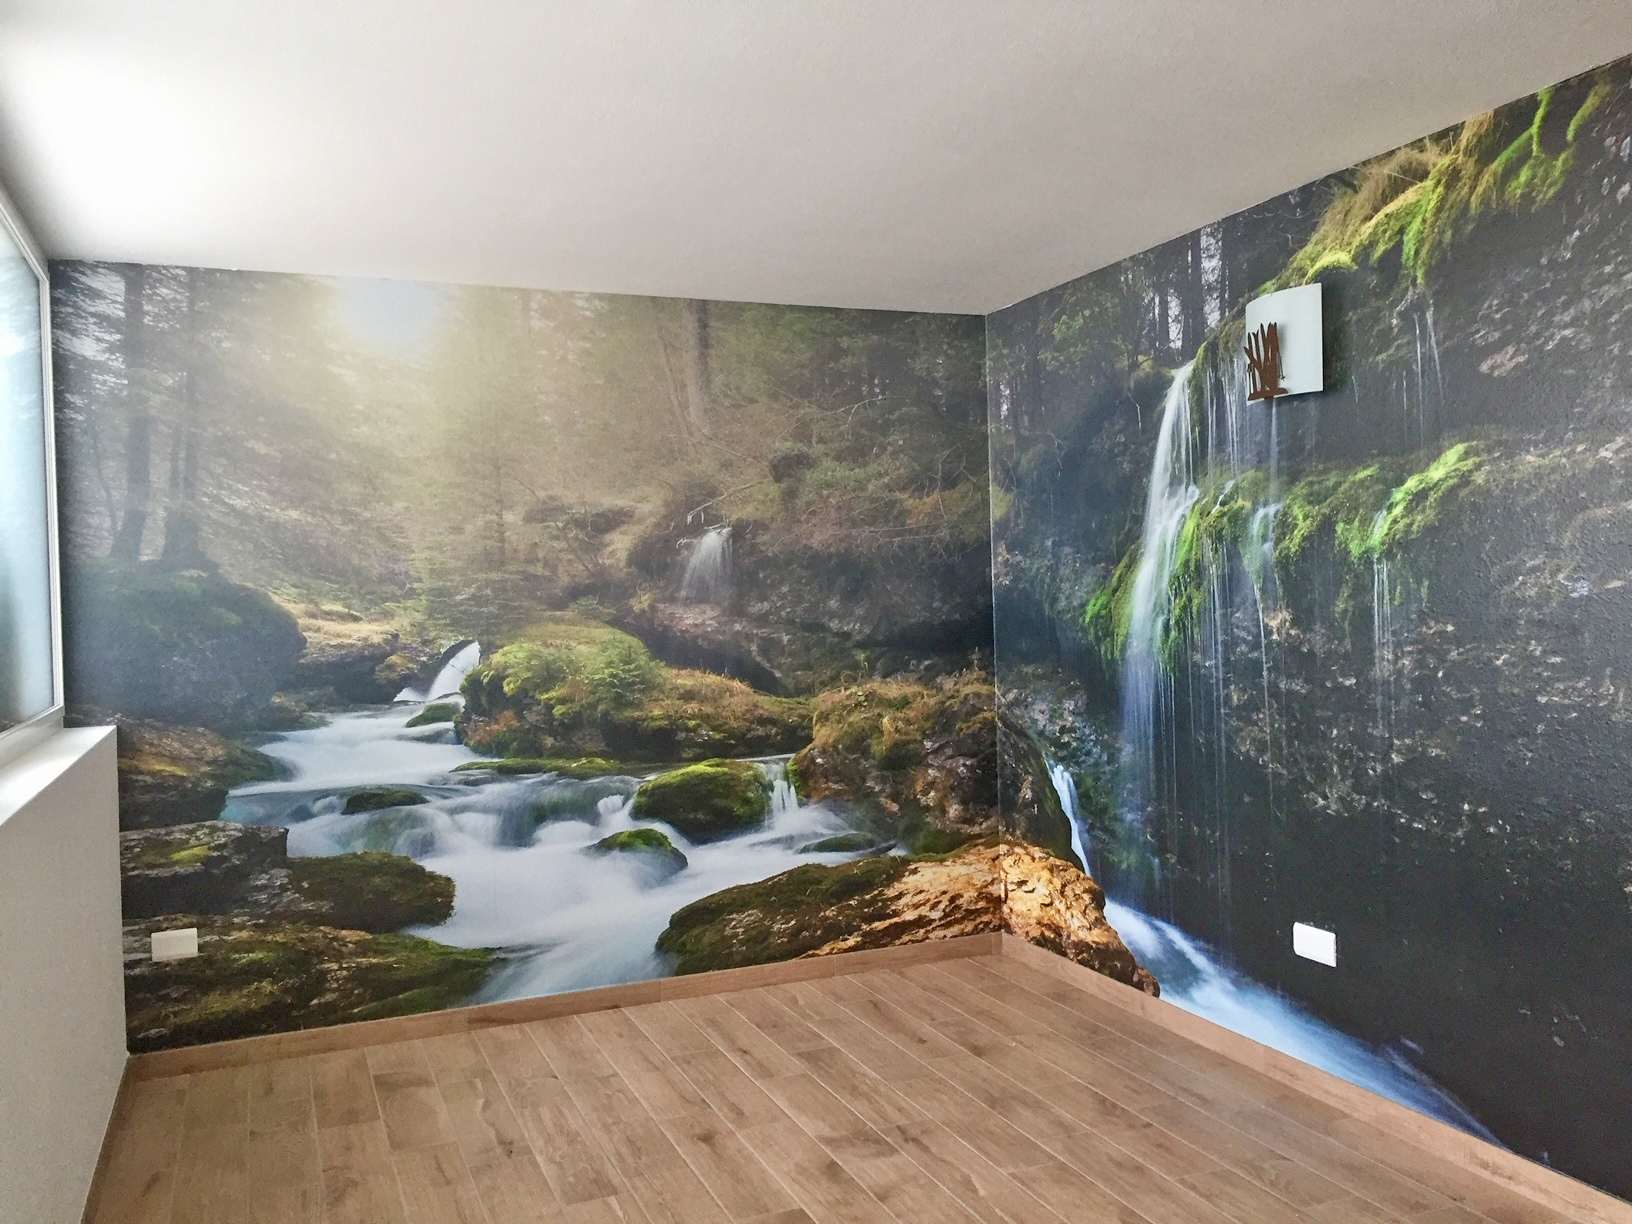 Allestimento adesivo – Centro benessere Hotel Malga Passerella, Moena